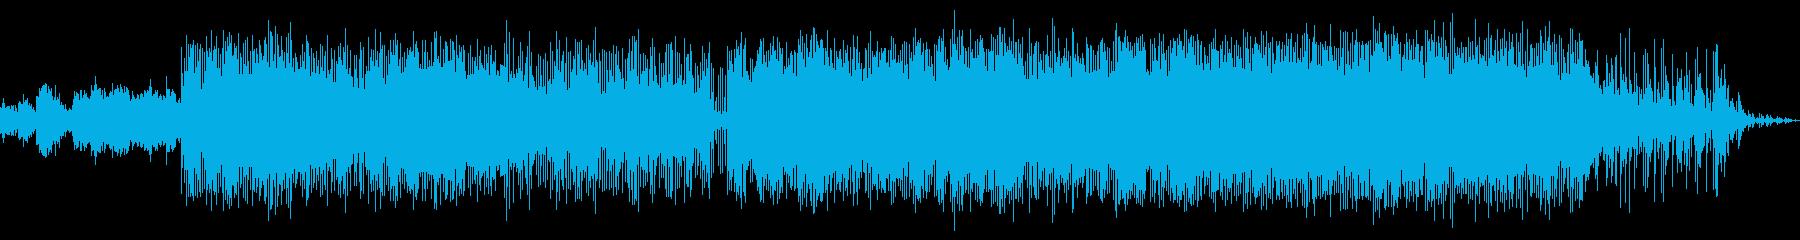 フュージョン サスペンス 説明的 ...の再生済みの波形